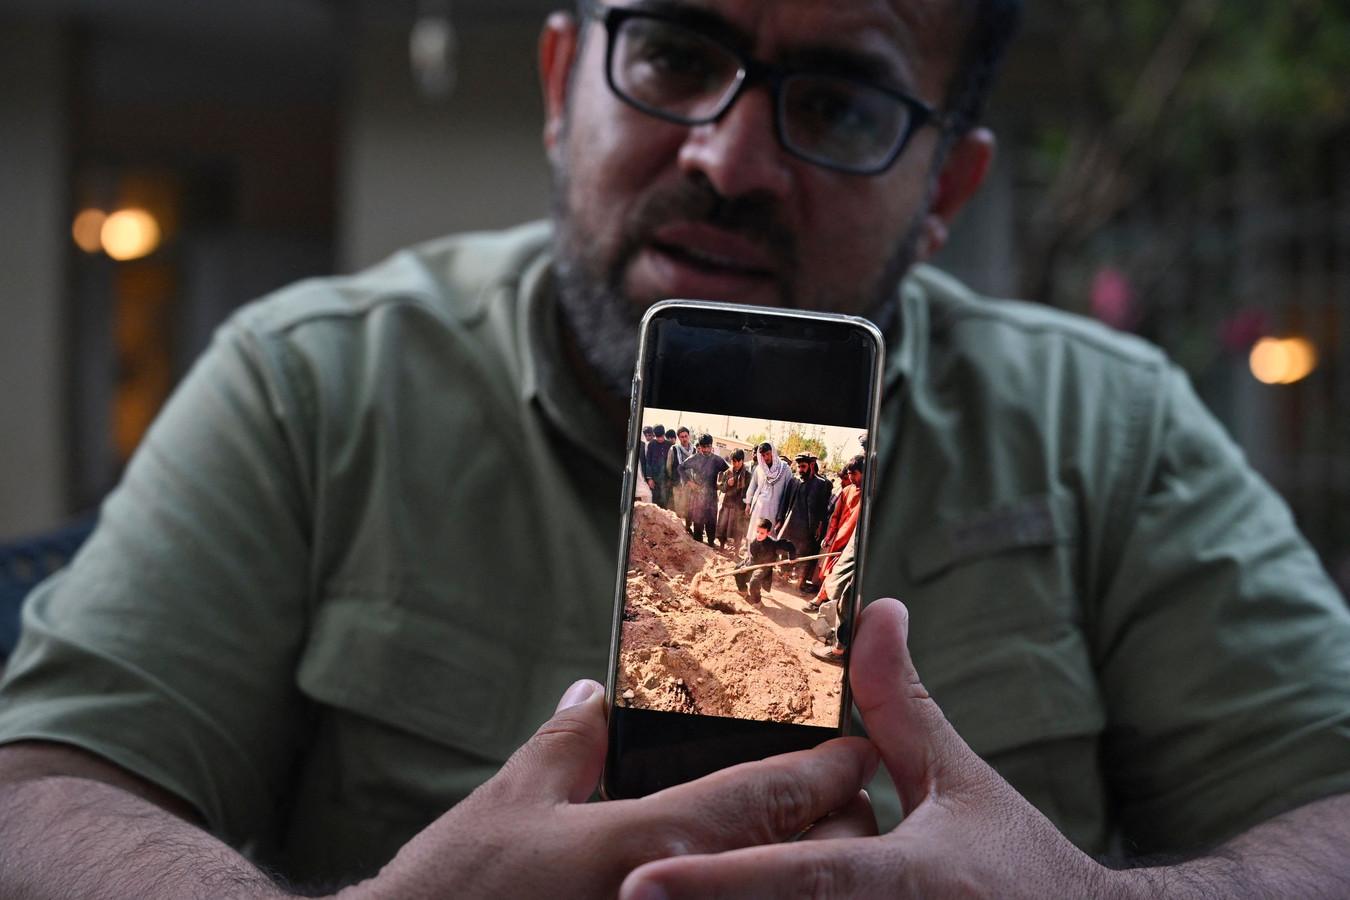 Foto van 24 juni 2021. Ahmad Siyar Anwari, een vormalige Afghaanse tolk van het Franse leger, toont op zijn telefoon een beeld van de begrafenis van Abdul Basir. De 33-jarige Basir werkte in het verleden ook samen met het Franse leger in Afghanistan. Hij werd op 19 juni dood gevonden in de provincie Wardak en zou zijn doodgeschoten door militanten van de Taliban.